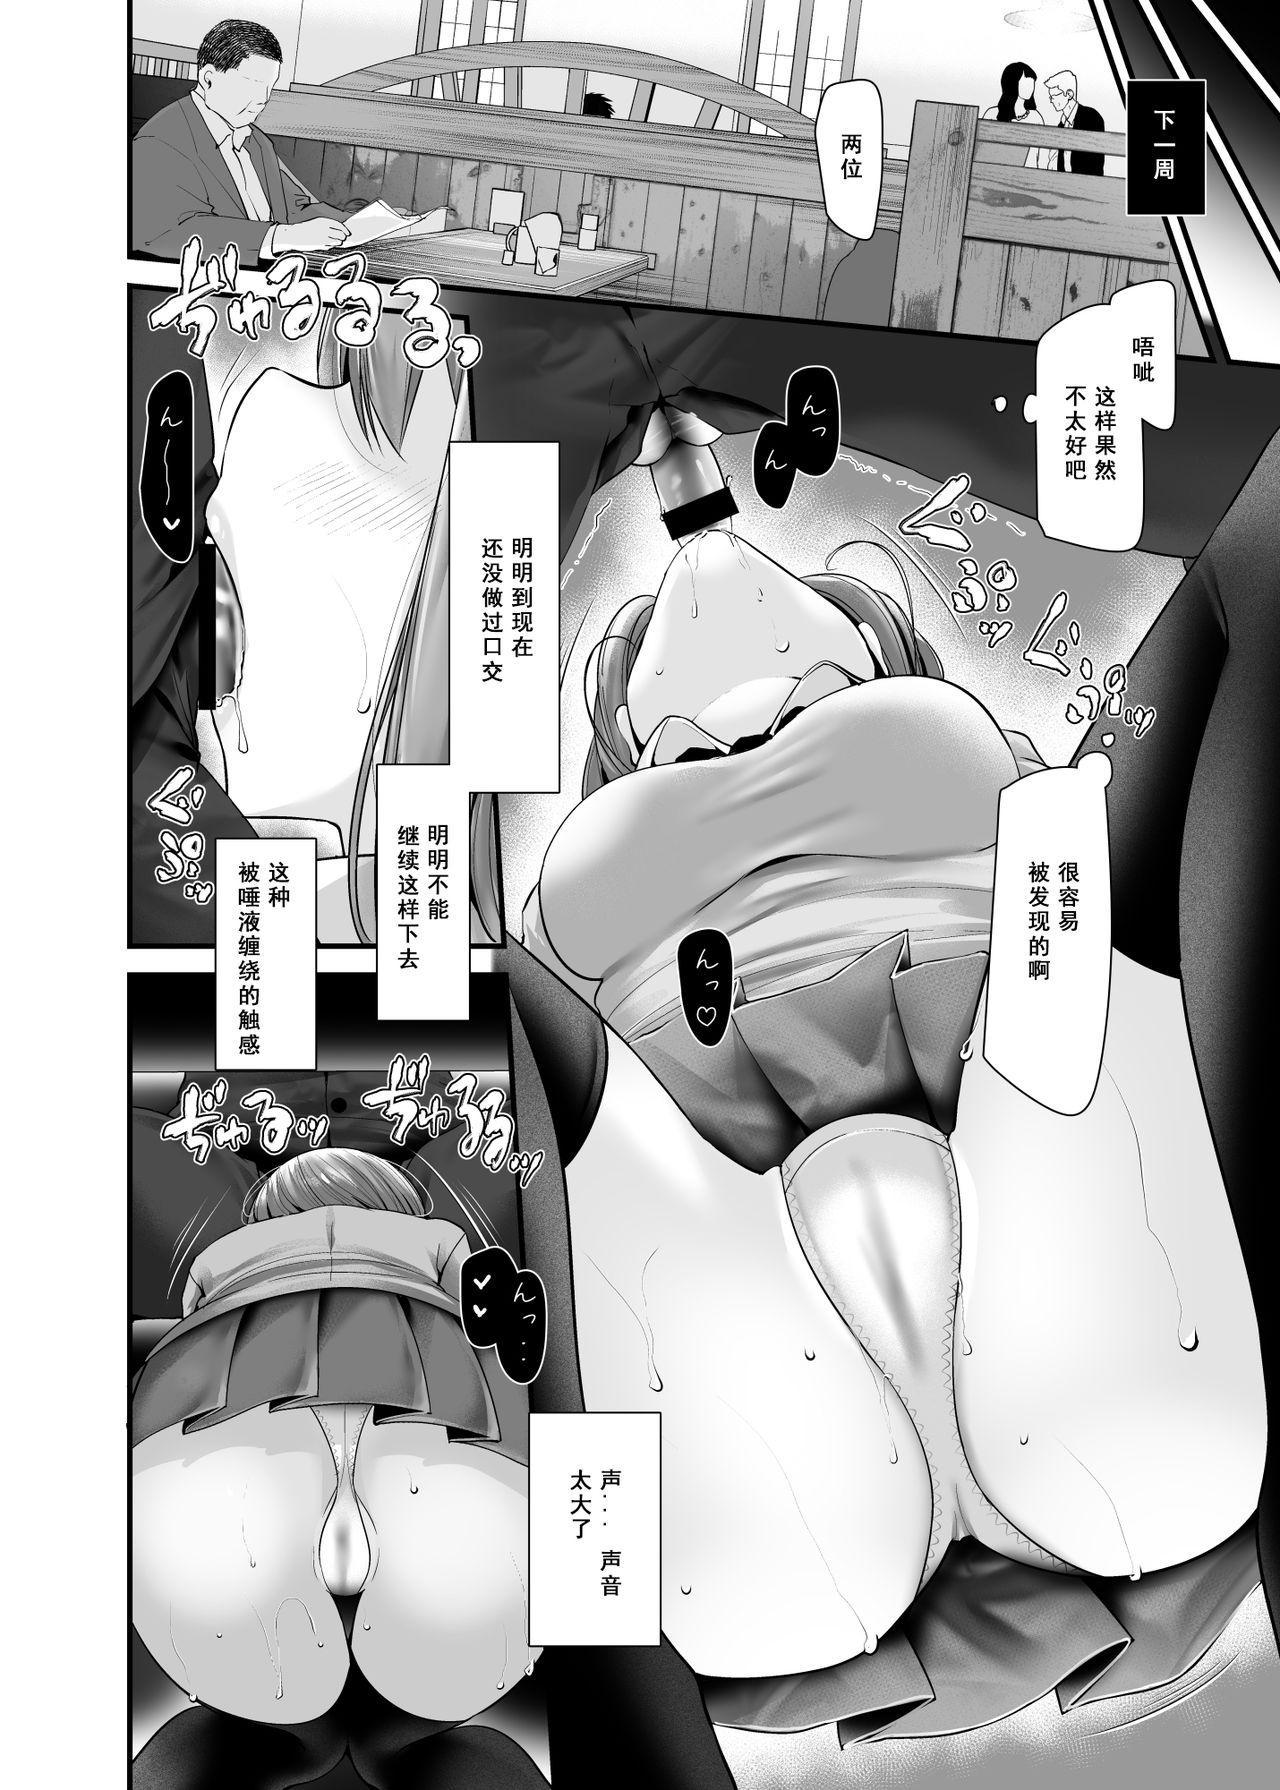 Tsuukin Douchuu de Anoko ga Midara na Koui o Shite Kuru Hanashi 3 8